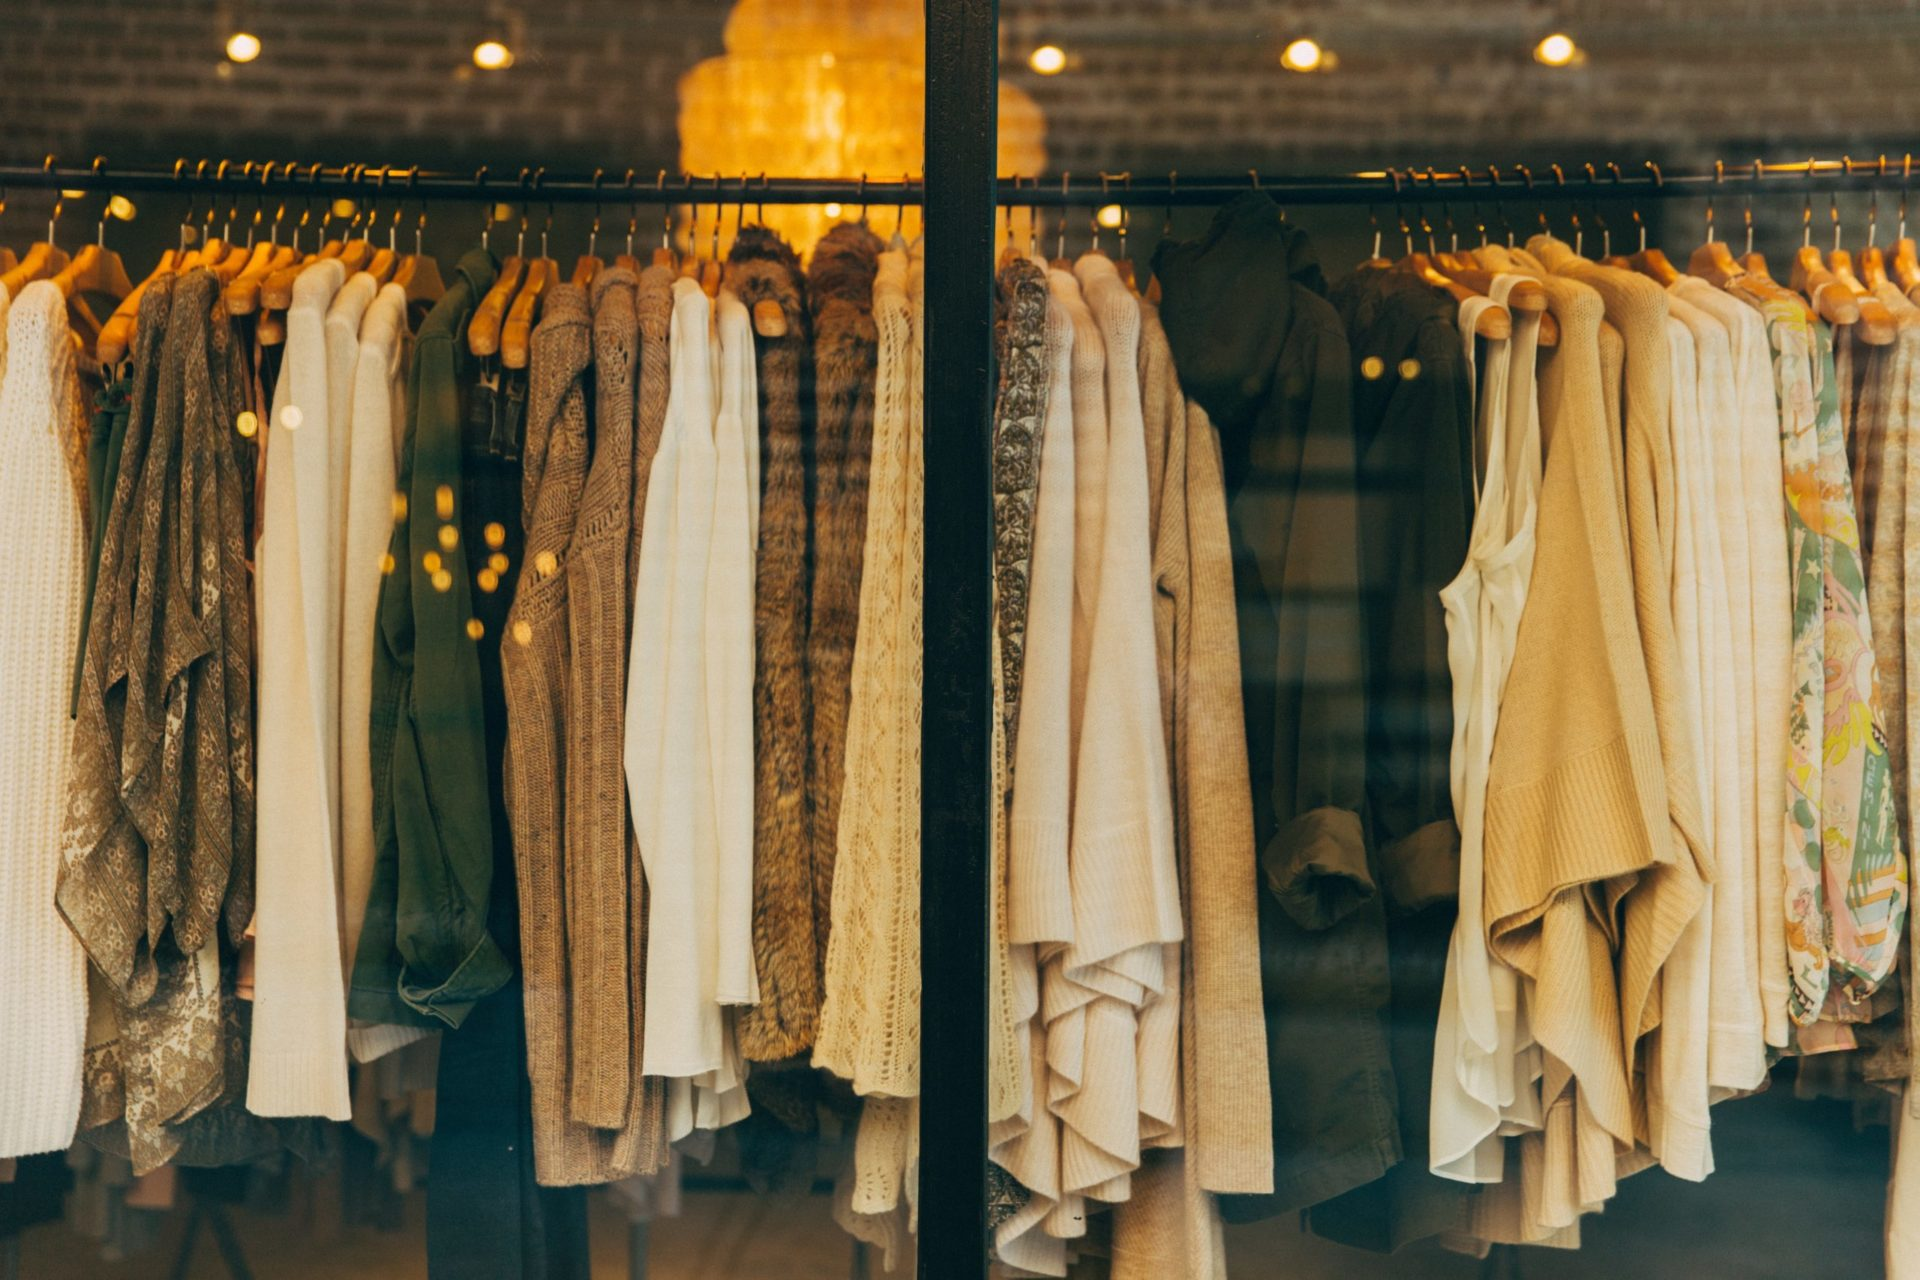 roba-sostenible-de-proximitat